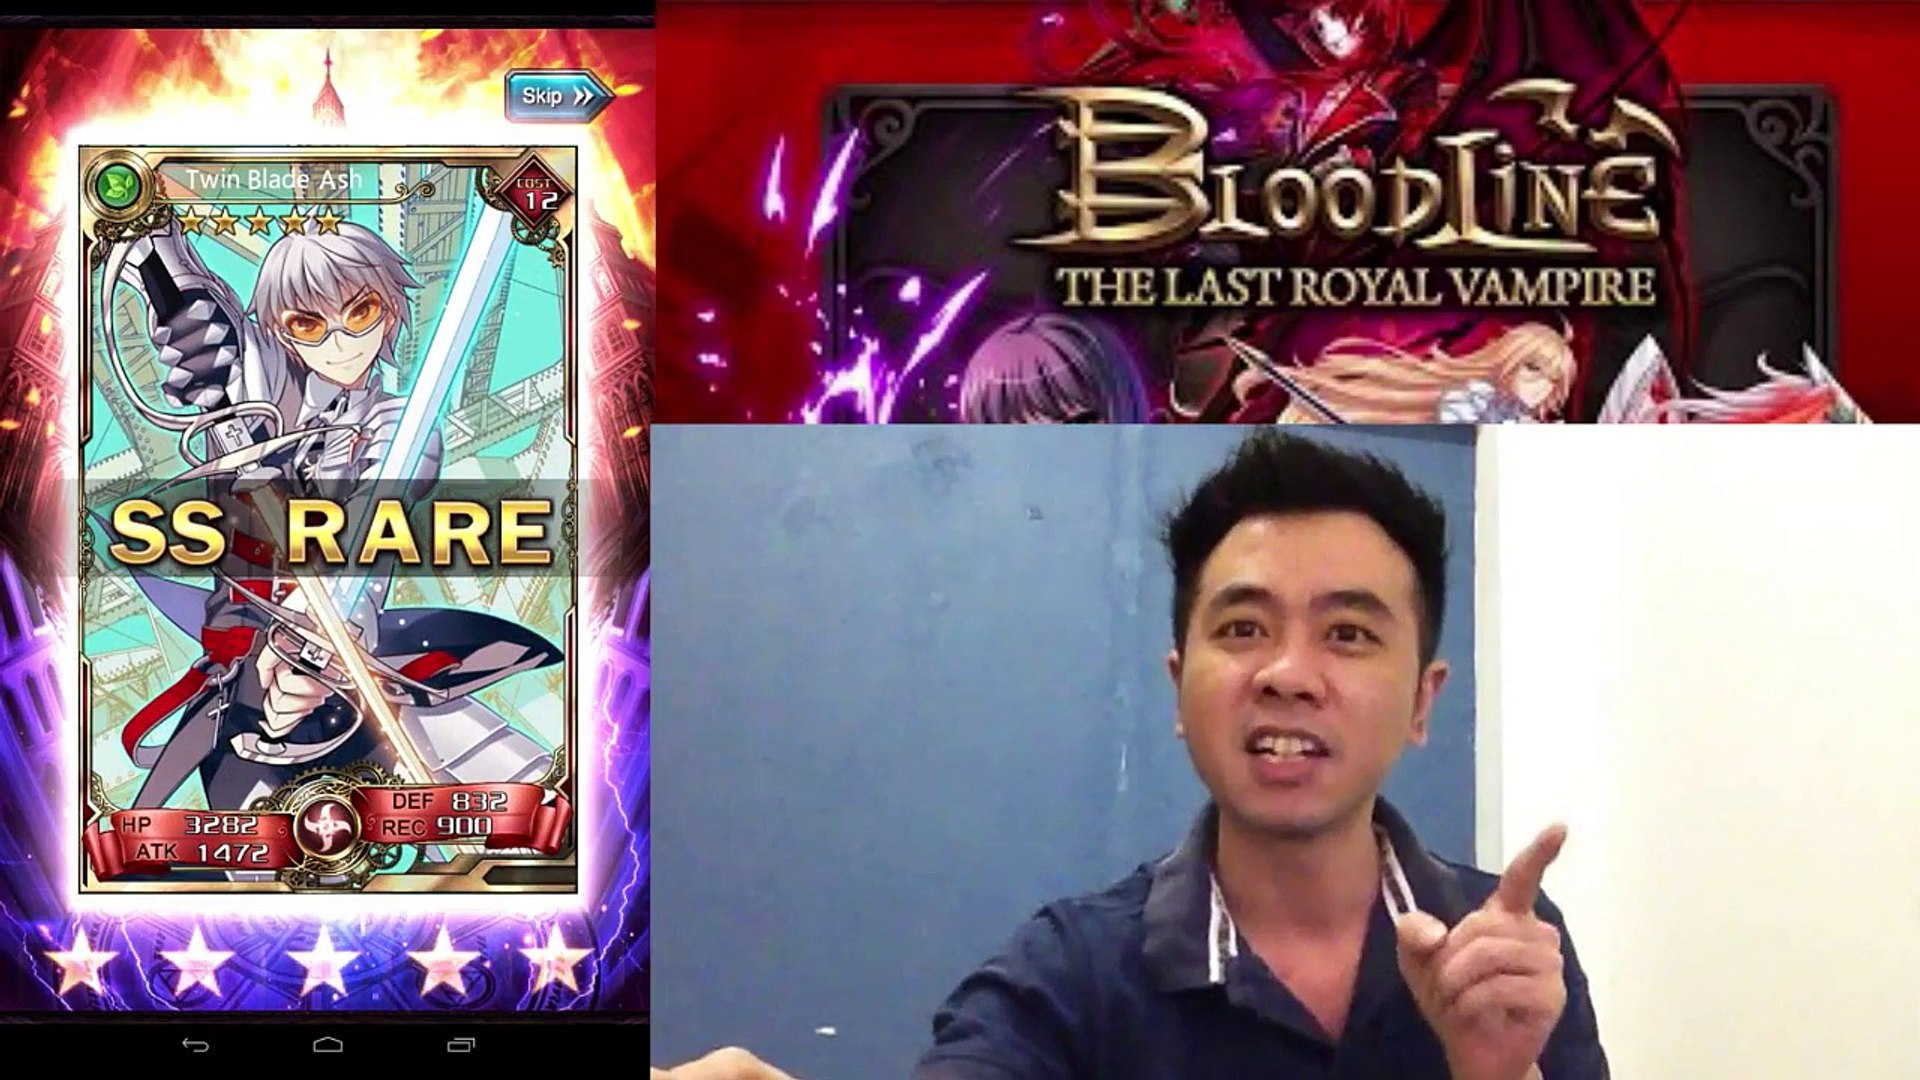 Milko Gaming : BloodLine FIRST BLOOD My Very 1st 30x Summon